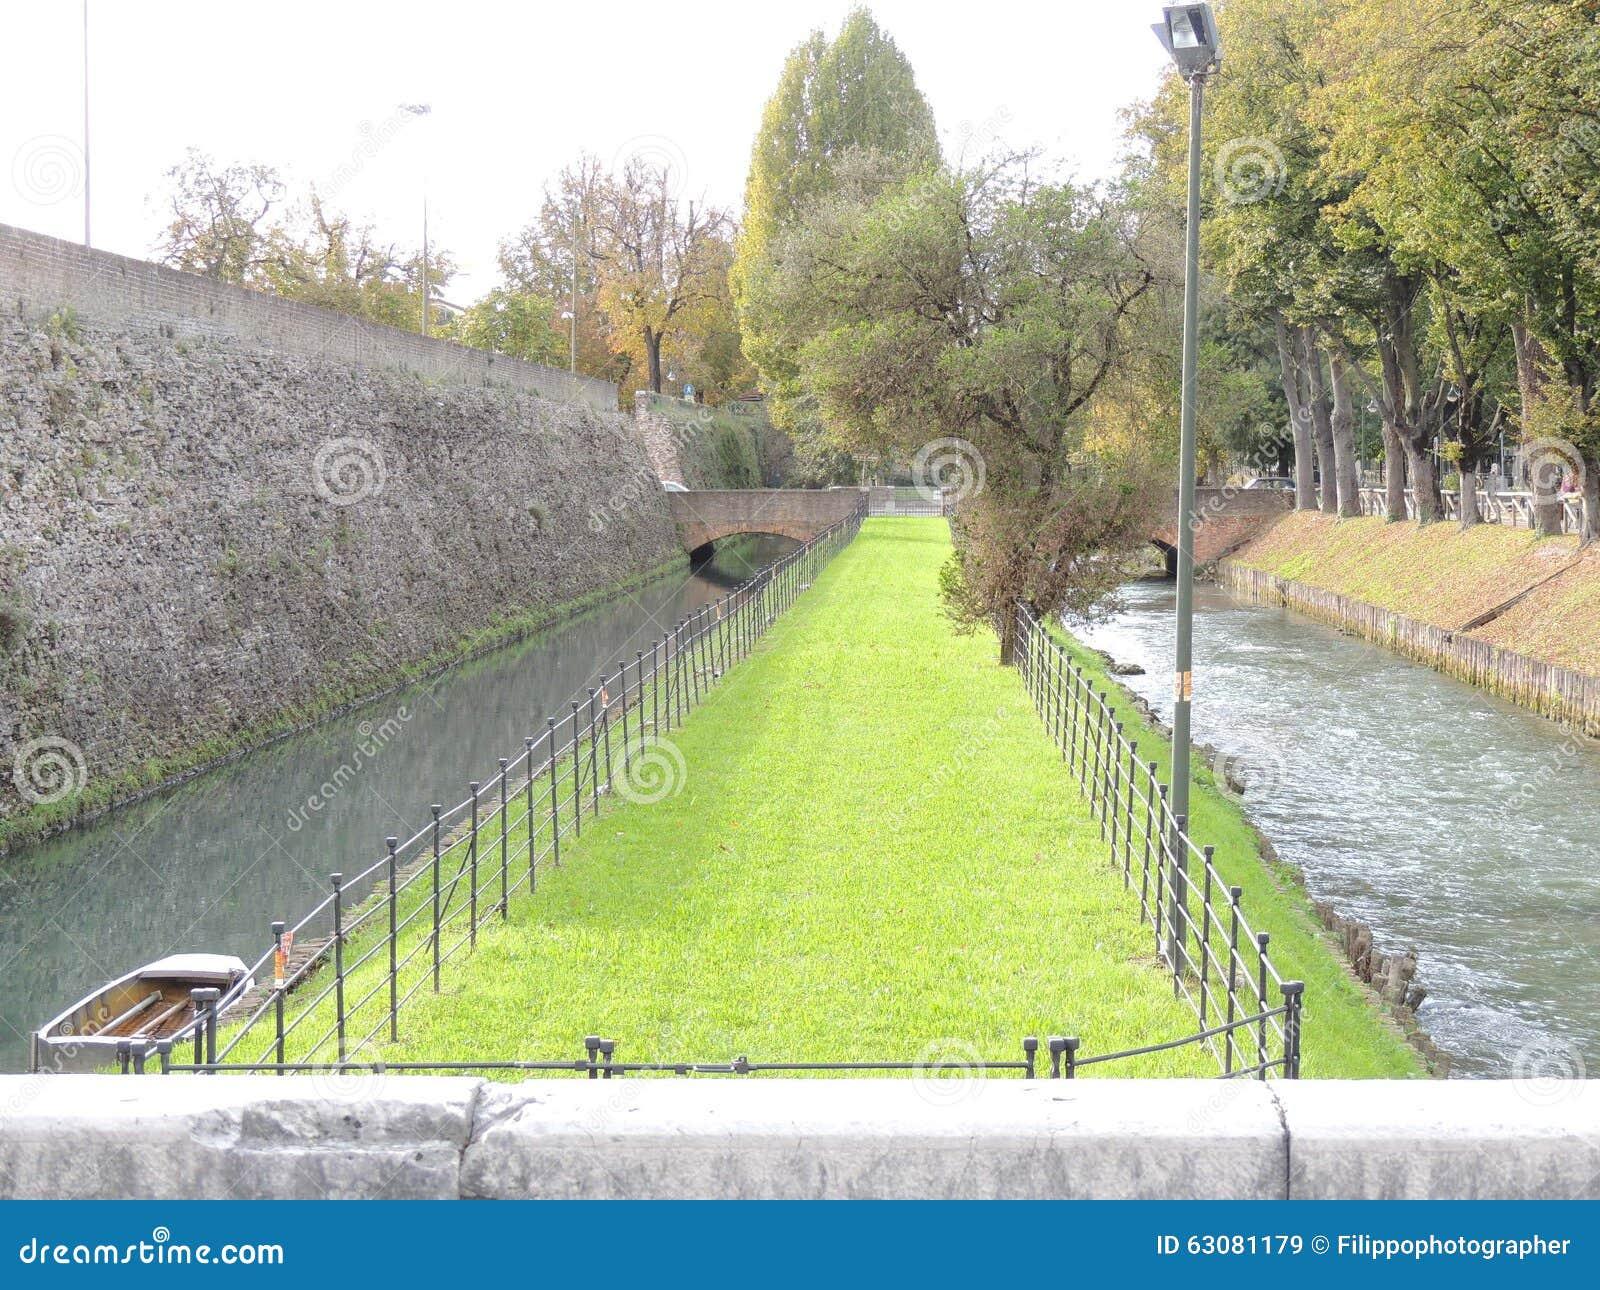 Download Murs de Trévise image stock. Image du fleuve, passerelle - 63081179